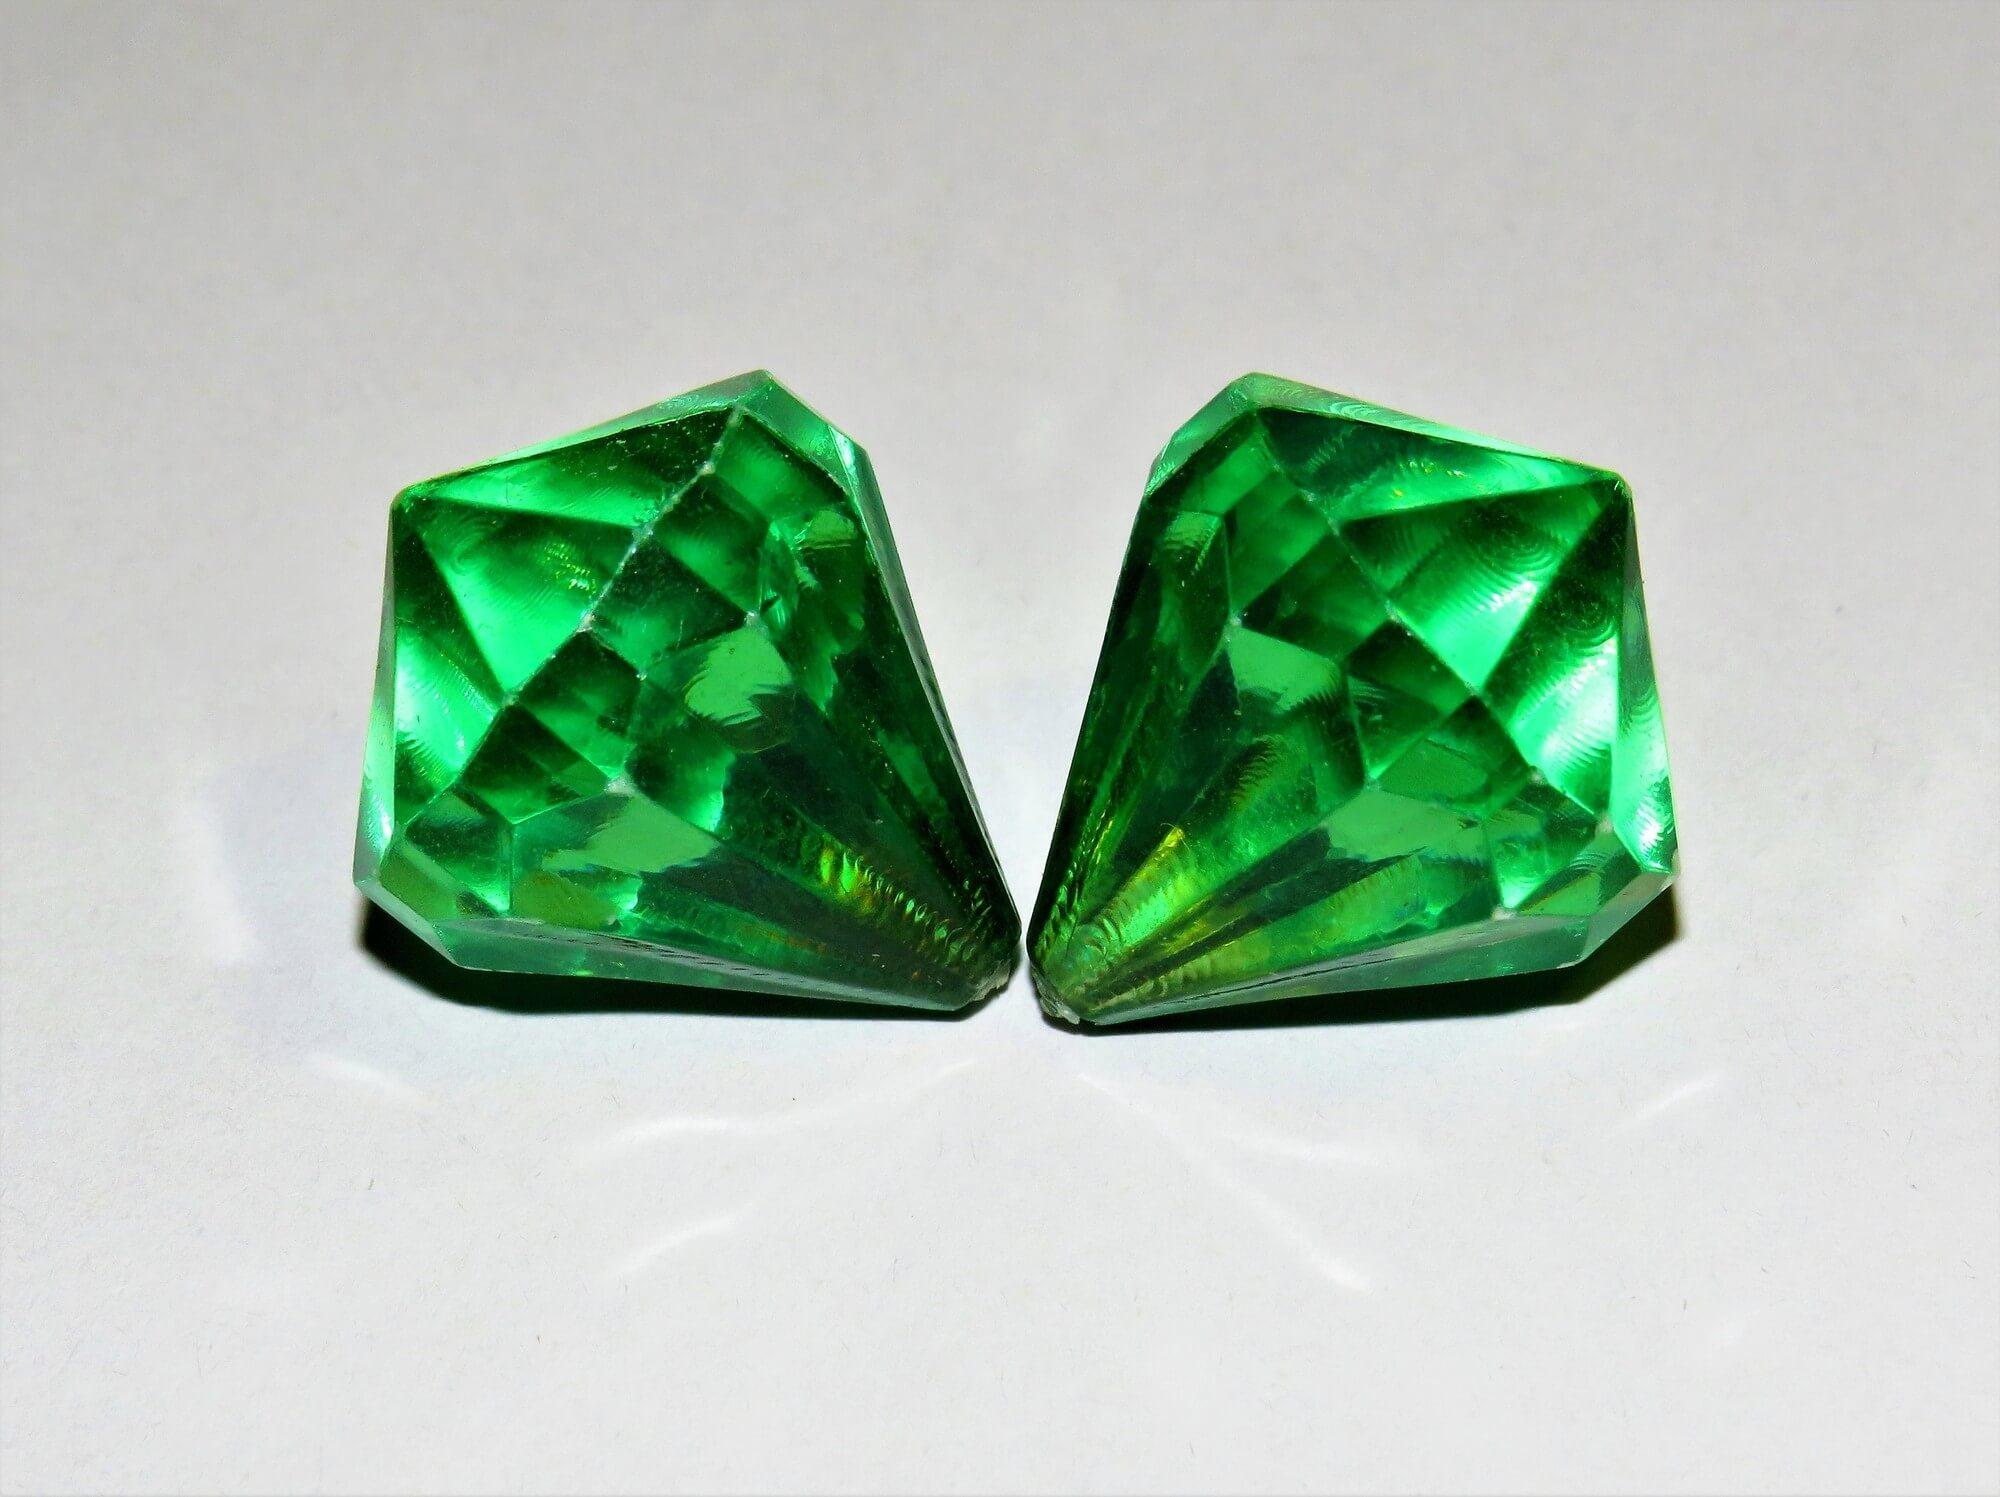 duas diamantes representando conceitualmente o duplo diamante no DT